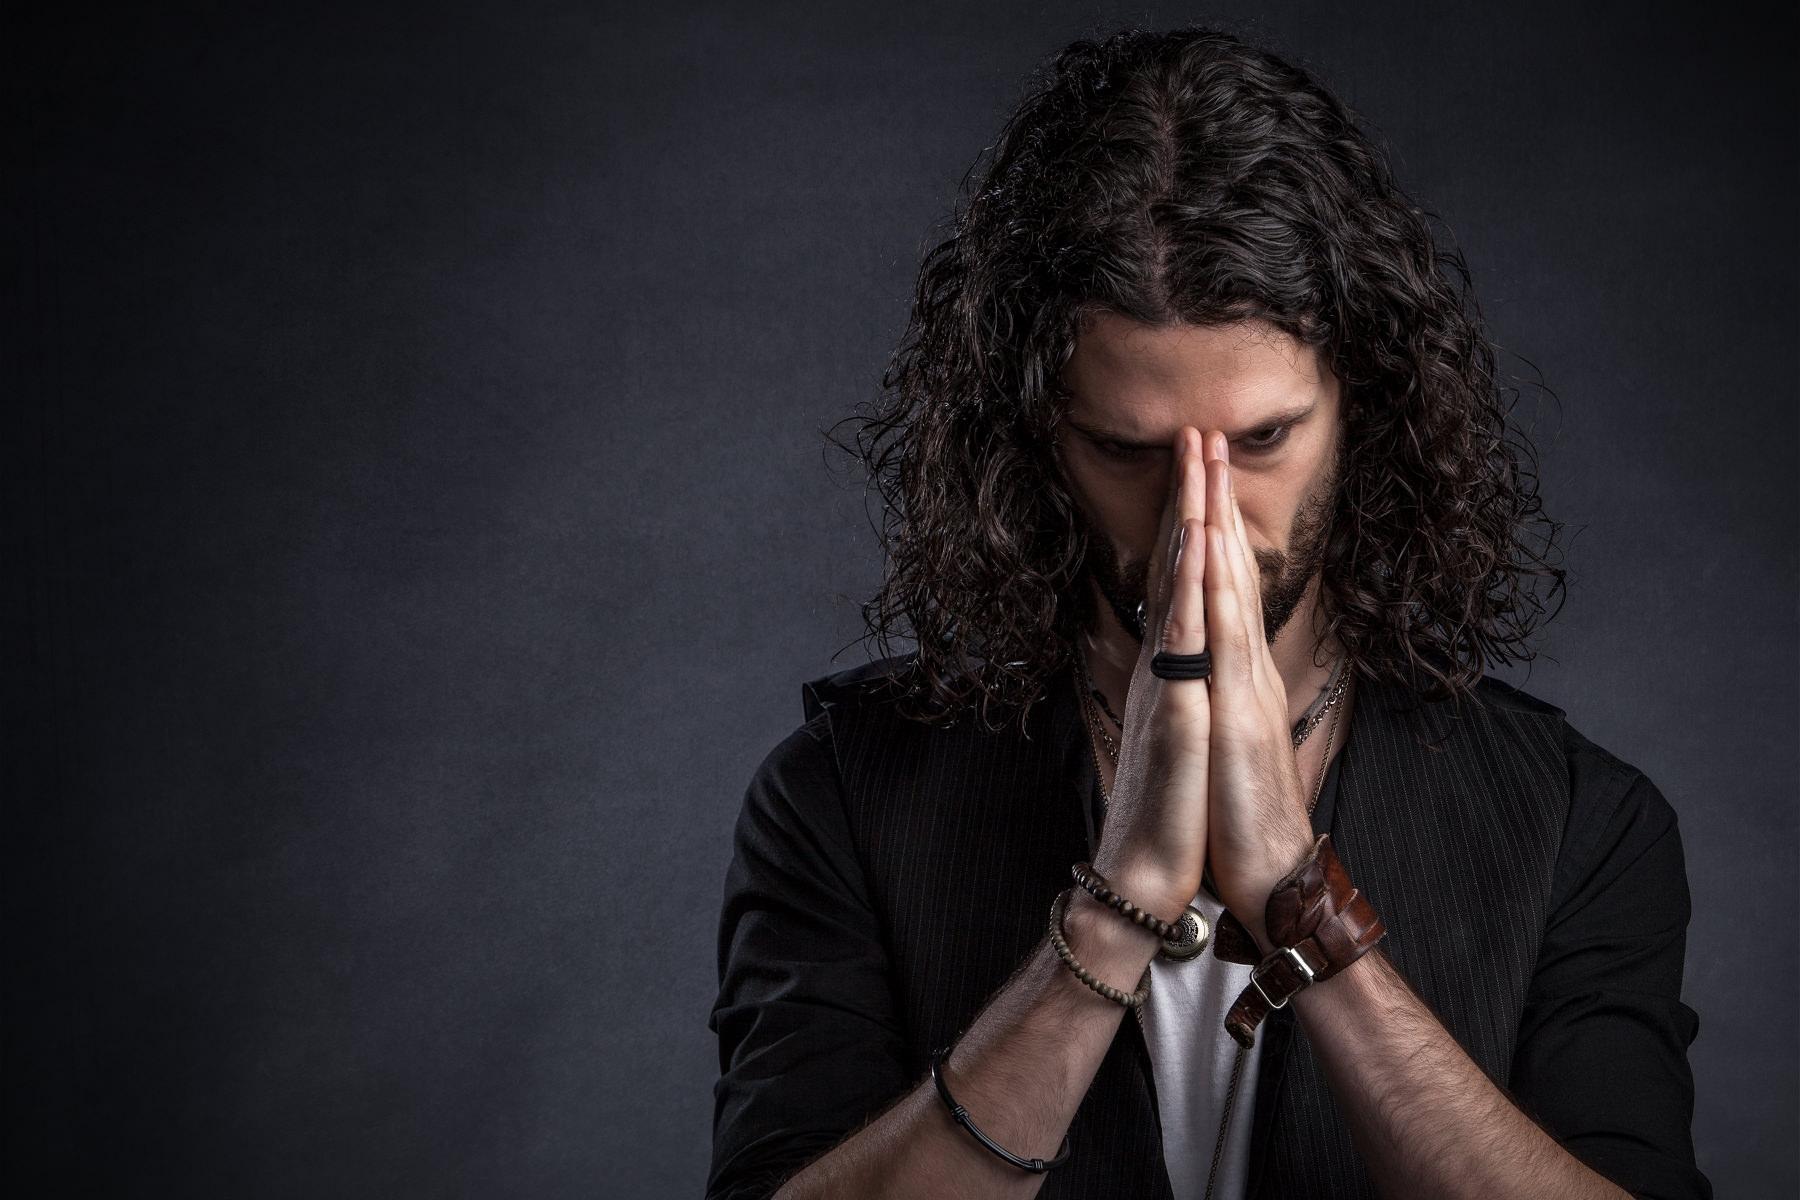 Male praying